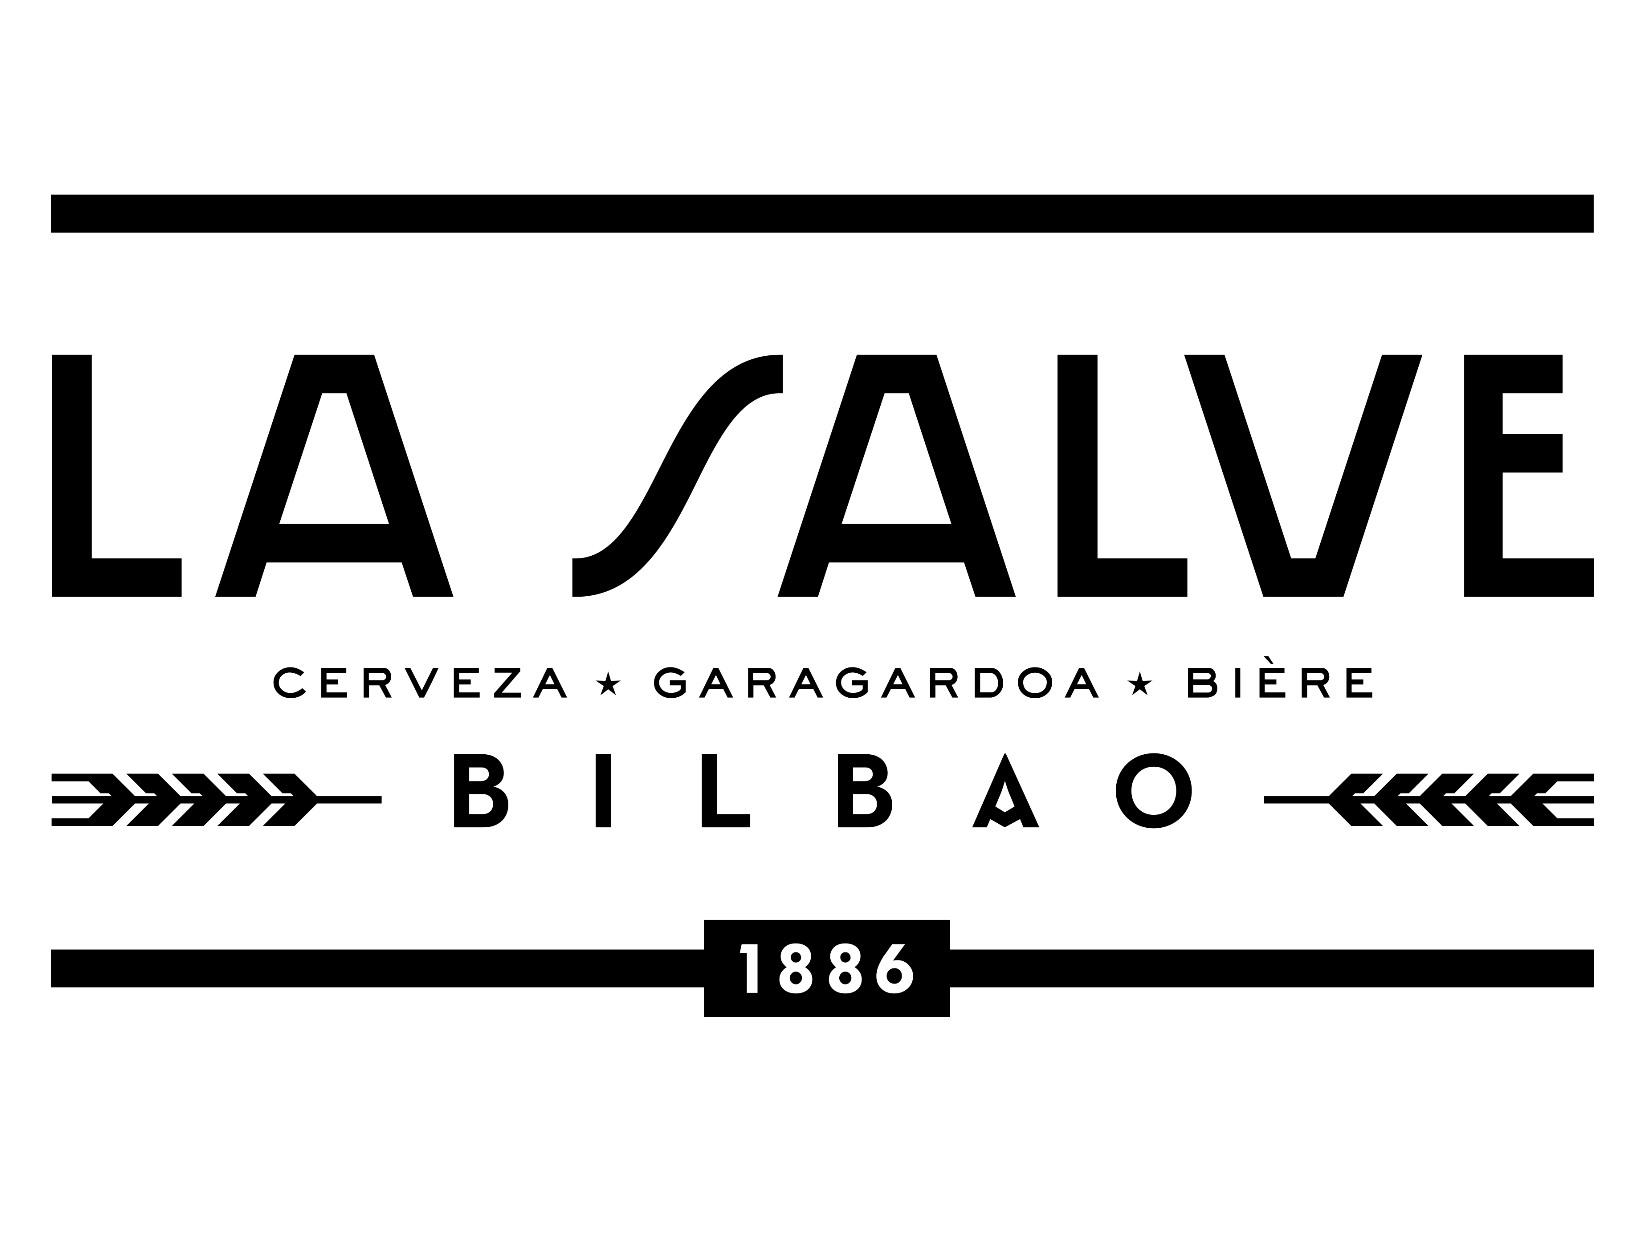 La Salve Bilbao